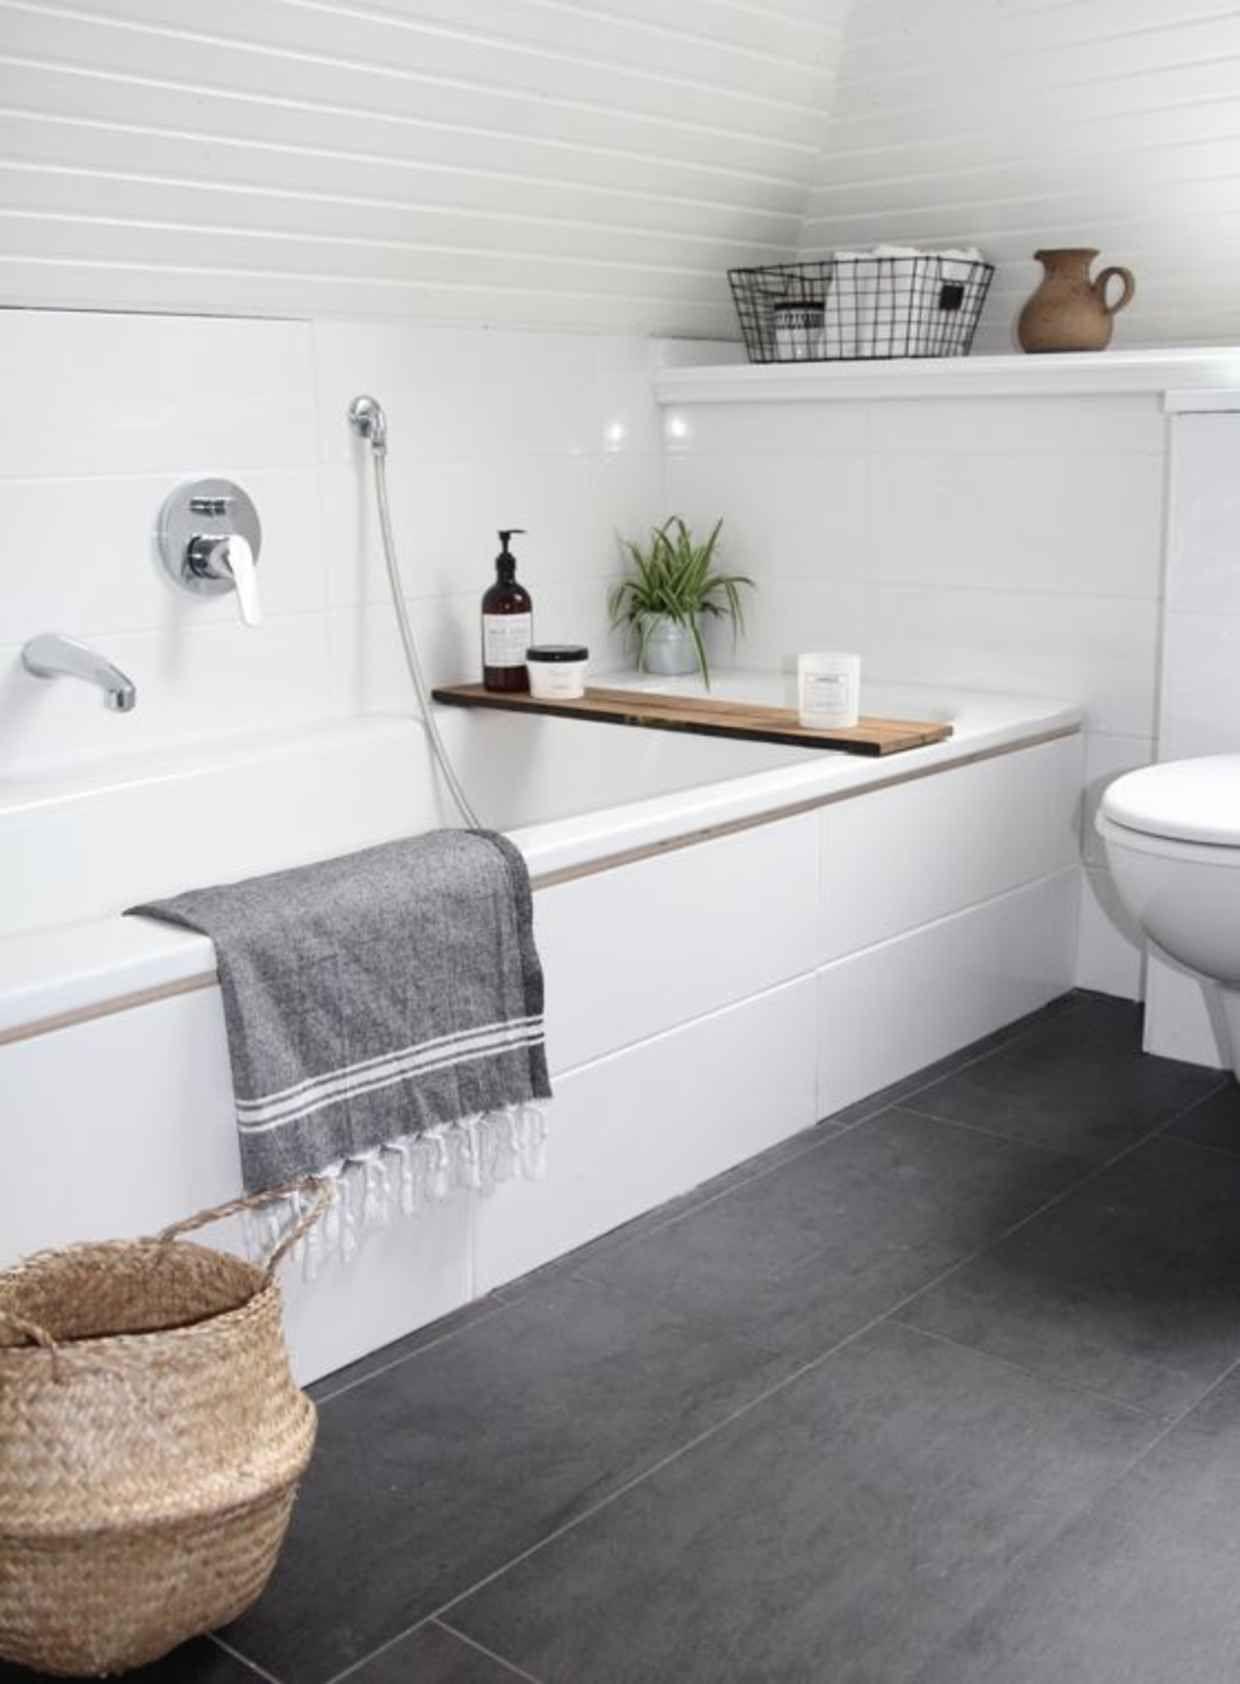 Bathroom interior wall  examples of minimal interior design   bathroom ideas